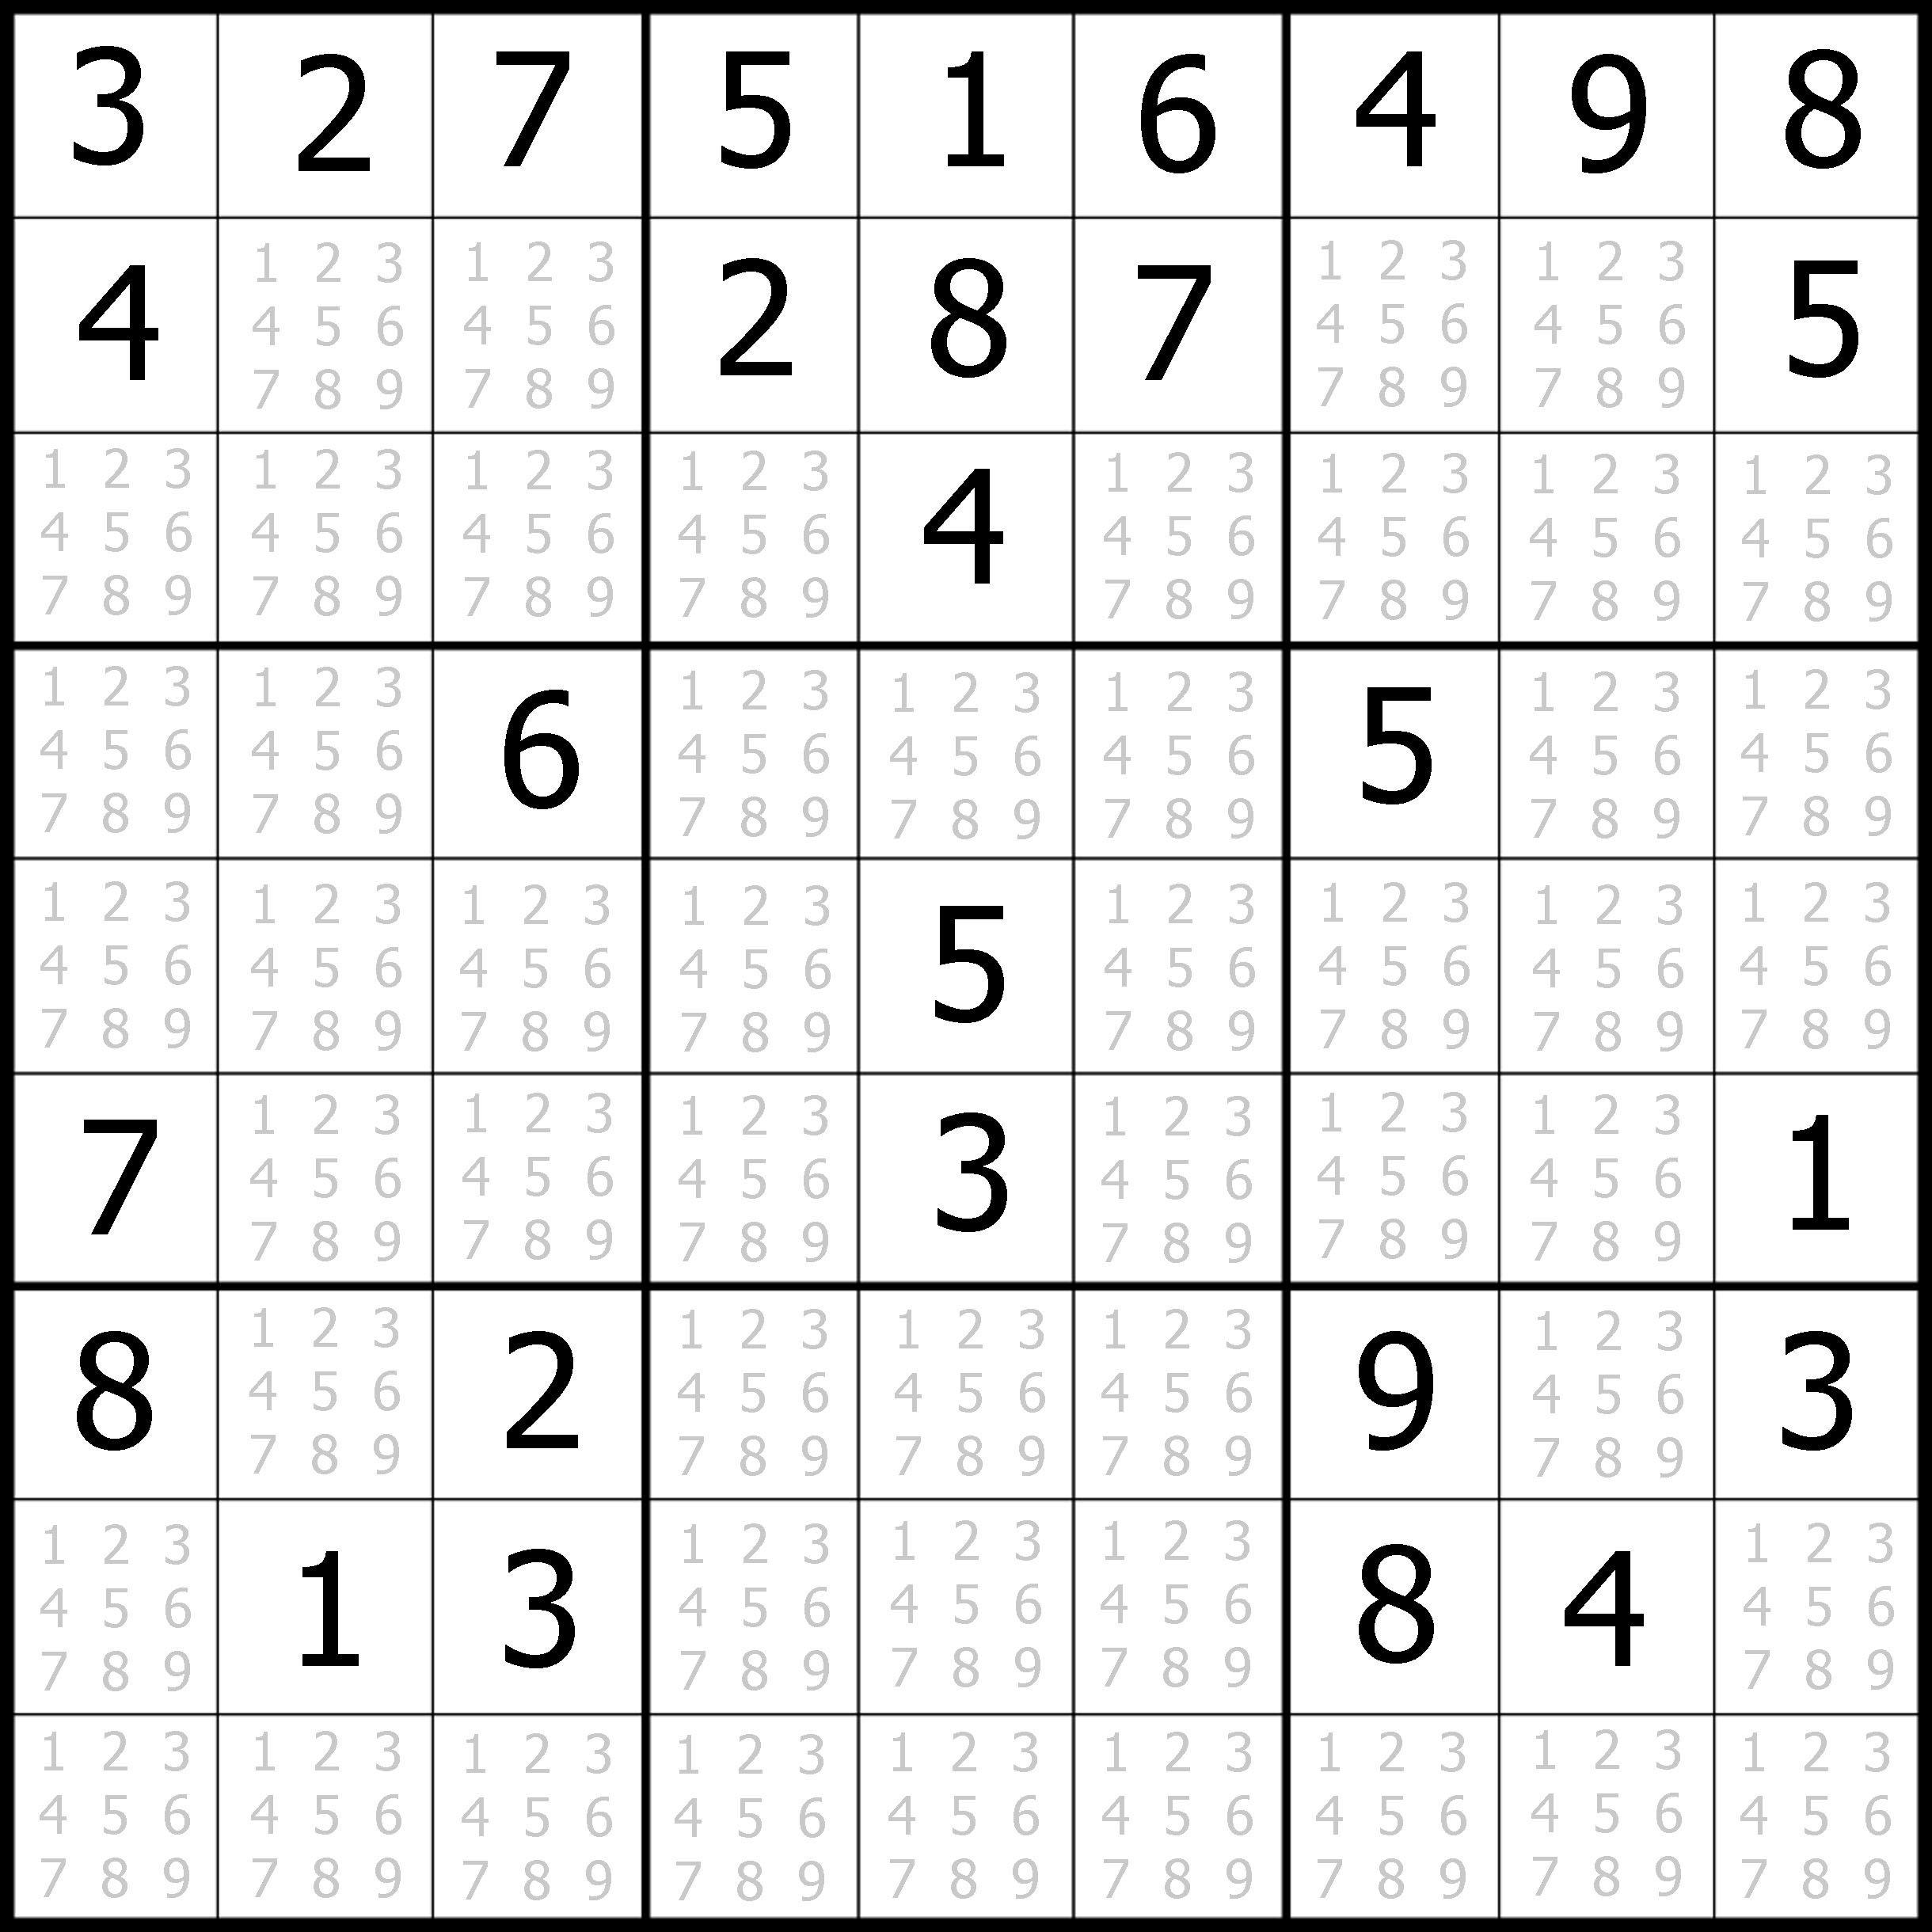 Sudoku Printable   Free, Medium, Printable Sudoku Puzzle #1   My - Free Printable Sudoku Pdf